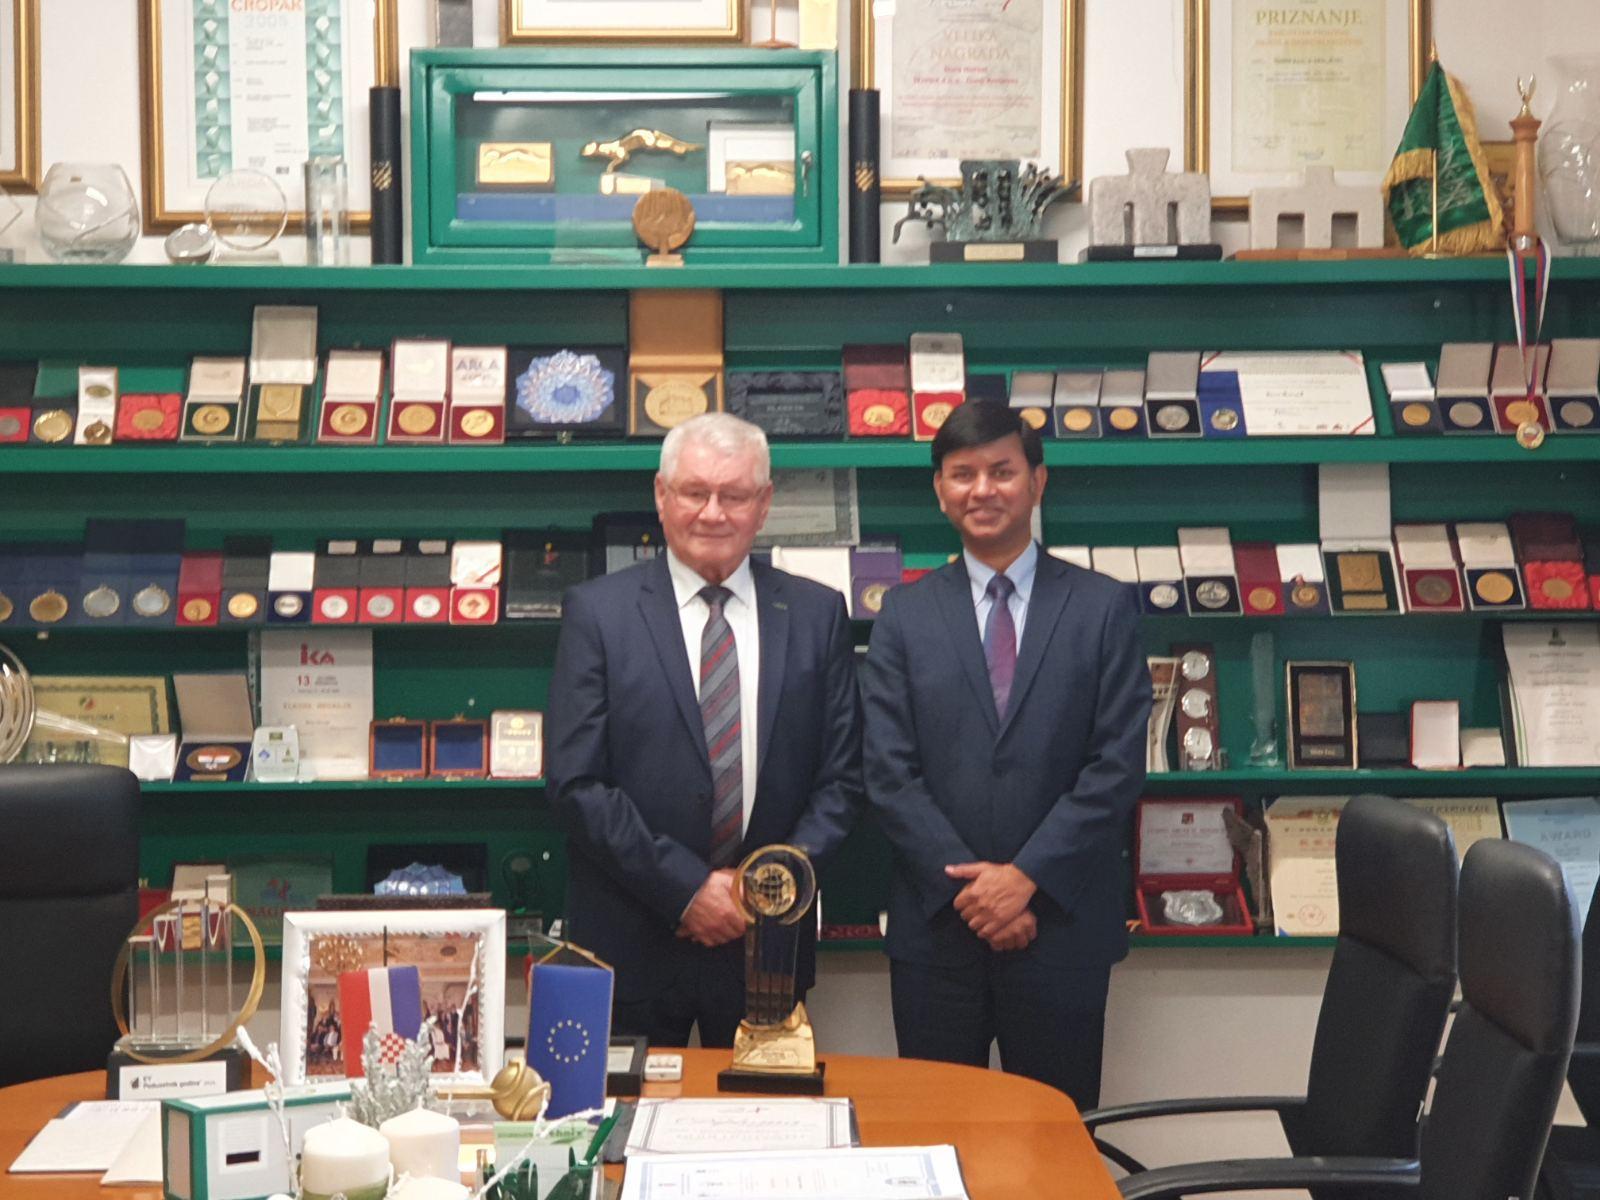 Kompanija Tehnix ugovara poslove na svjetskom tržištu – Posjeta Veleposlanika Indije Nj. E. g. Raj Kumar Srivastava